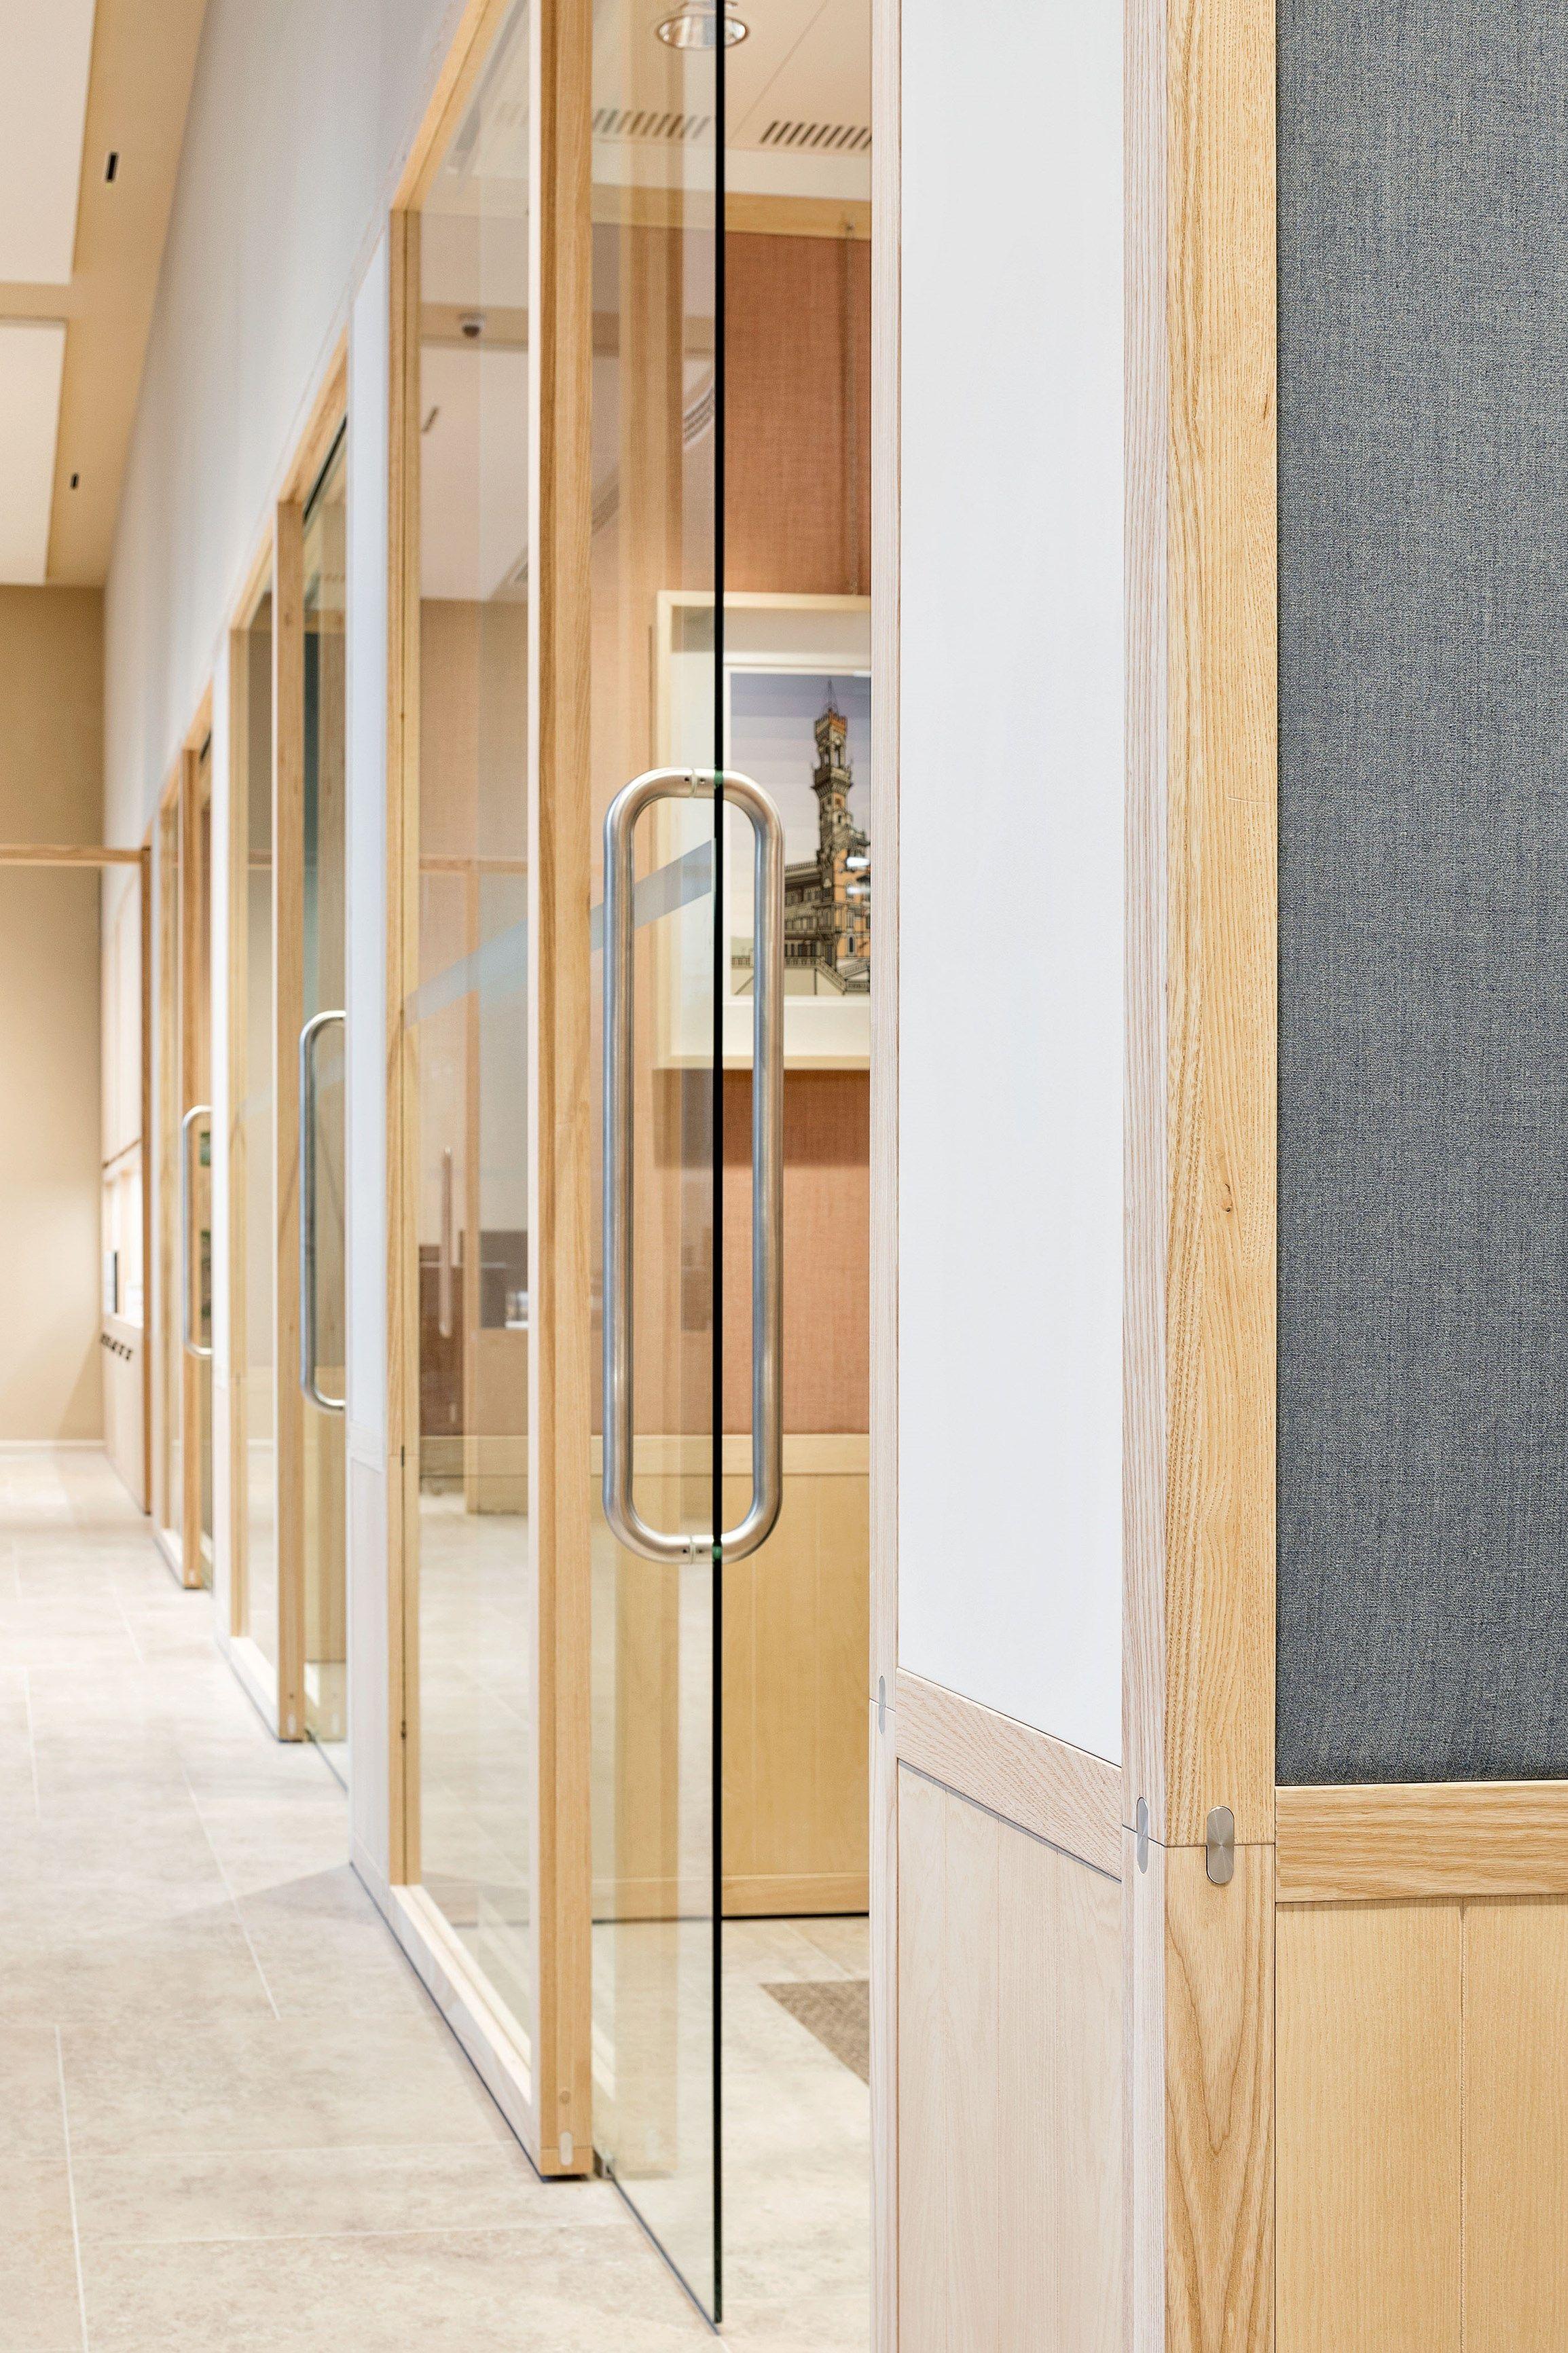 Cloison Amovible De Bureau En Bois 6x6 Partition By 6x6 Design